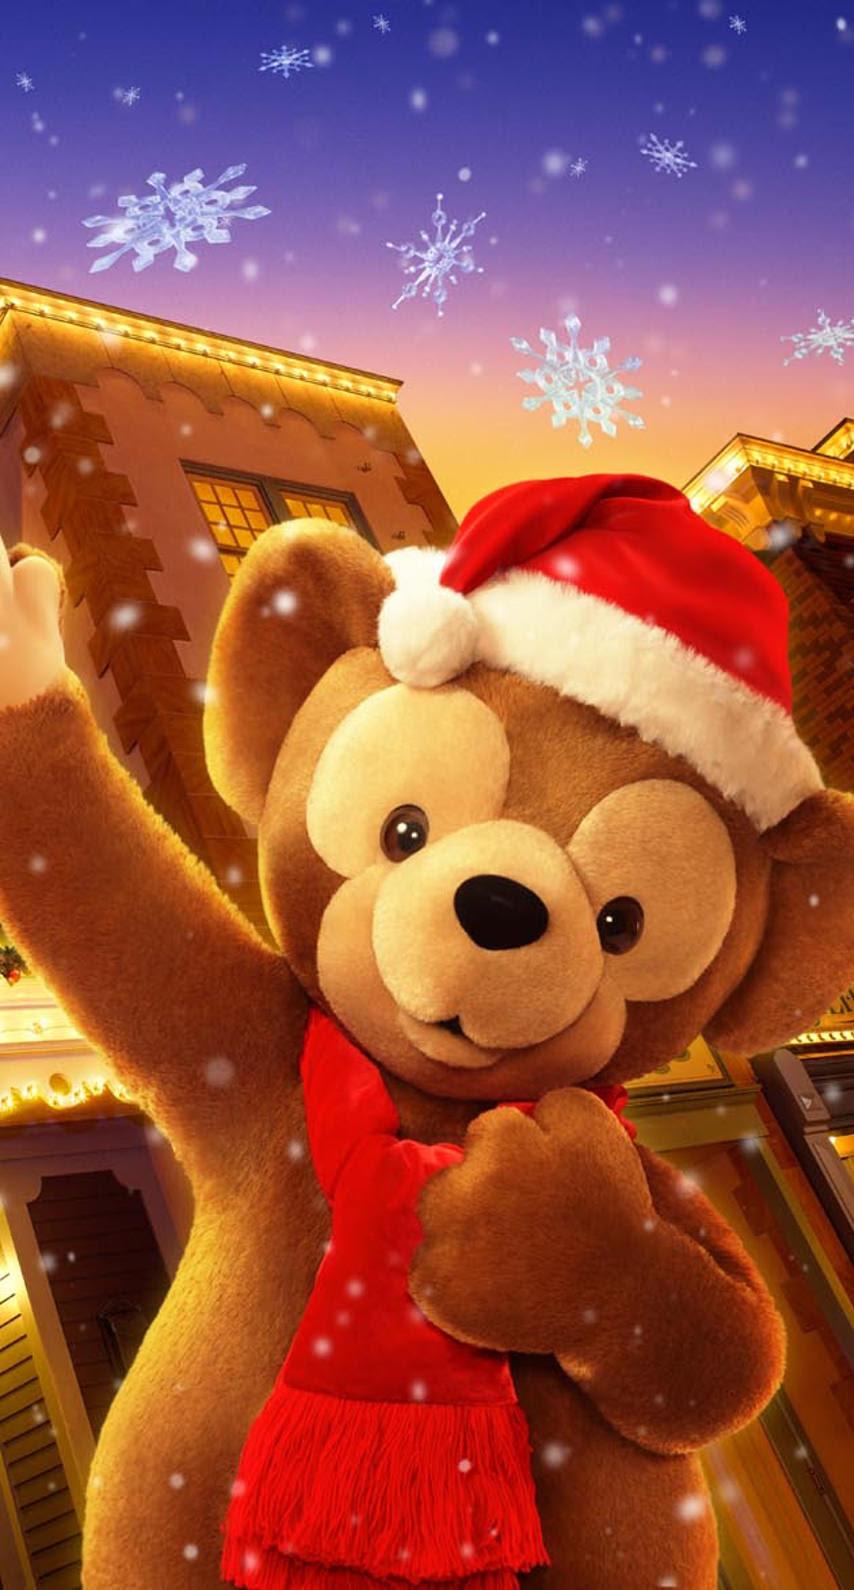 ダッフィーのクリスマス めちゃ人気 Iphone壁紙dj